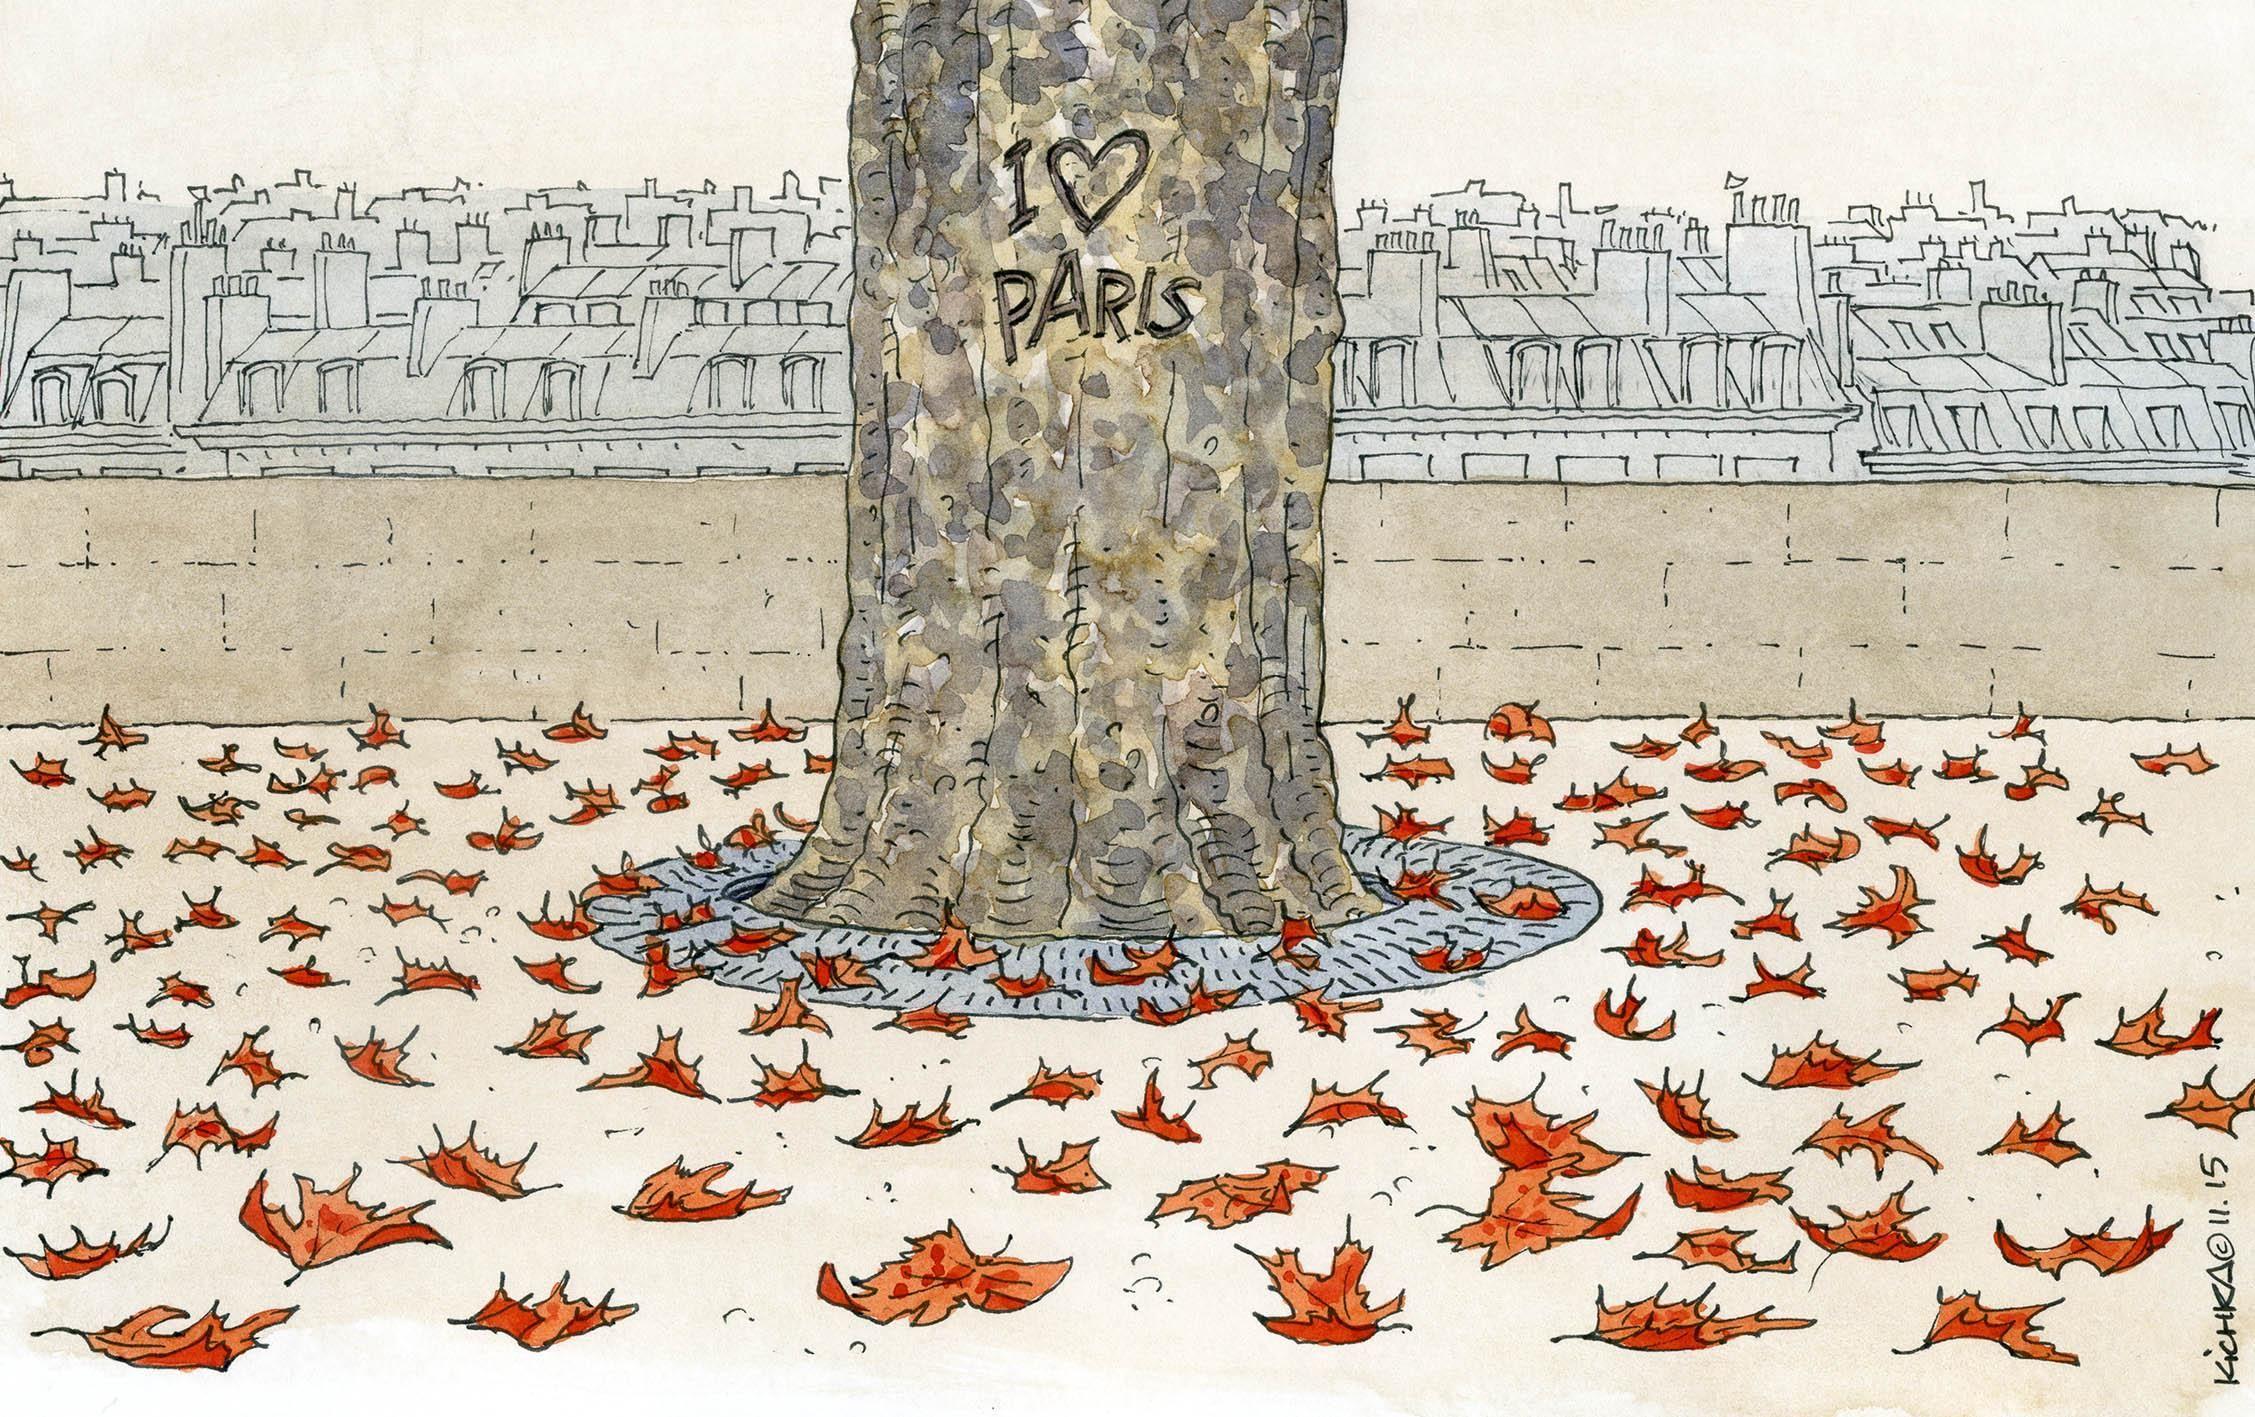 Humour et Politique - Page 21 D752c69a4dbd3aa6afb1798fb7bd78f52be45b02